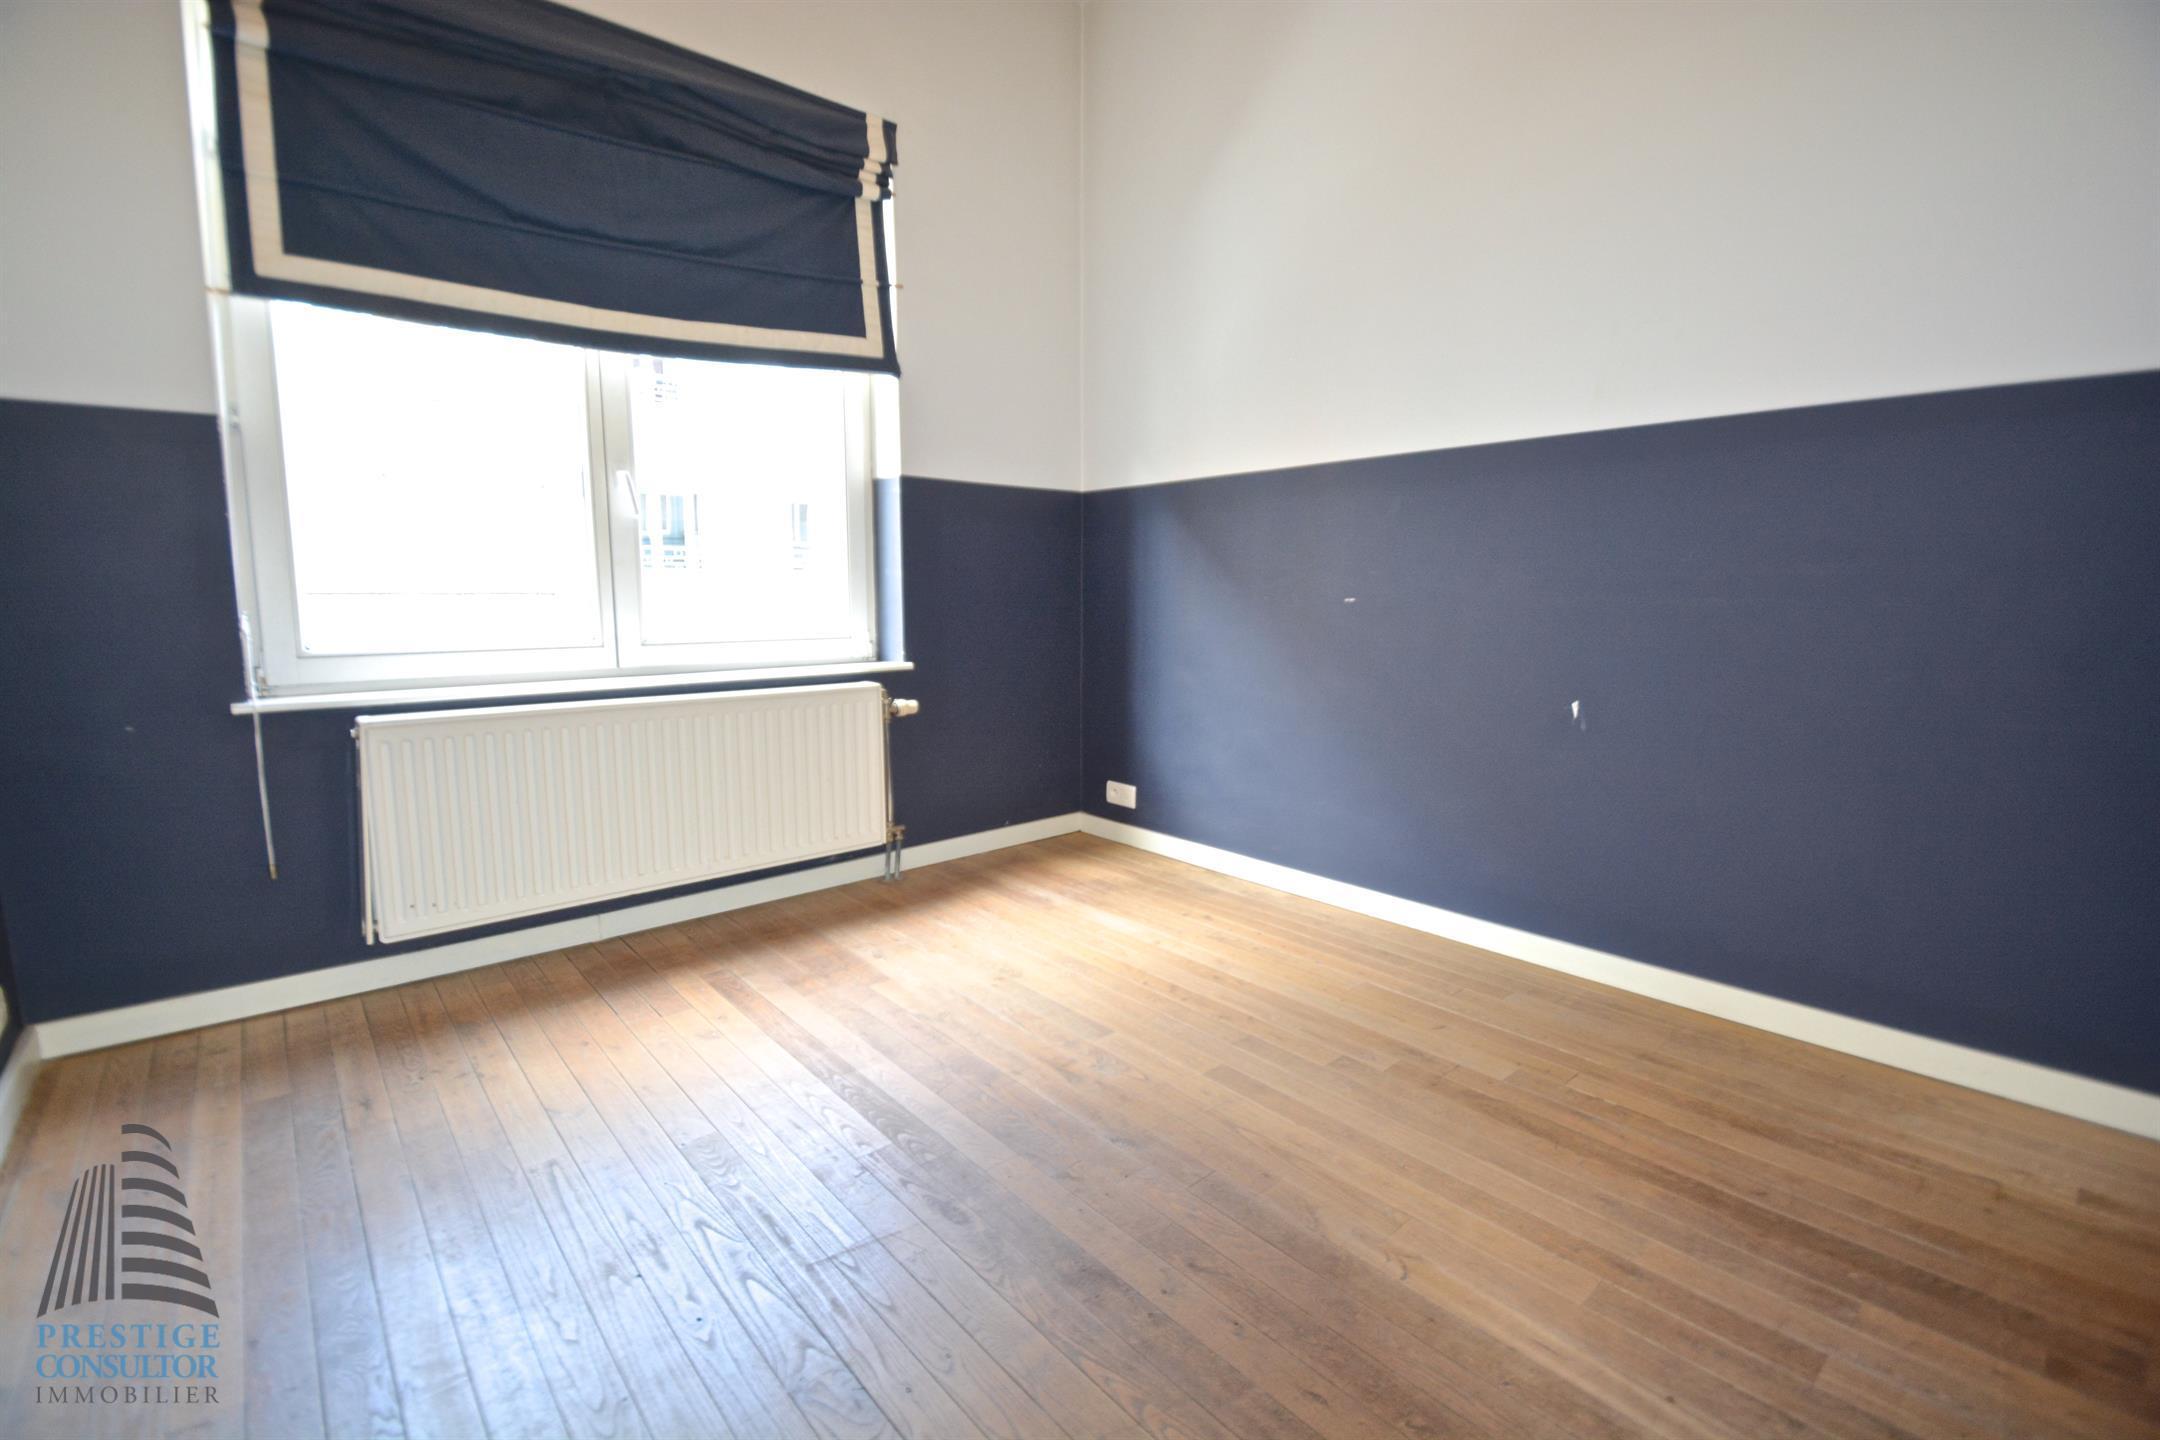 Appartement - Ixelles - #4100145-6